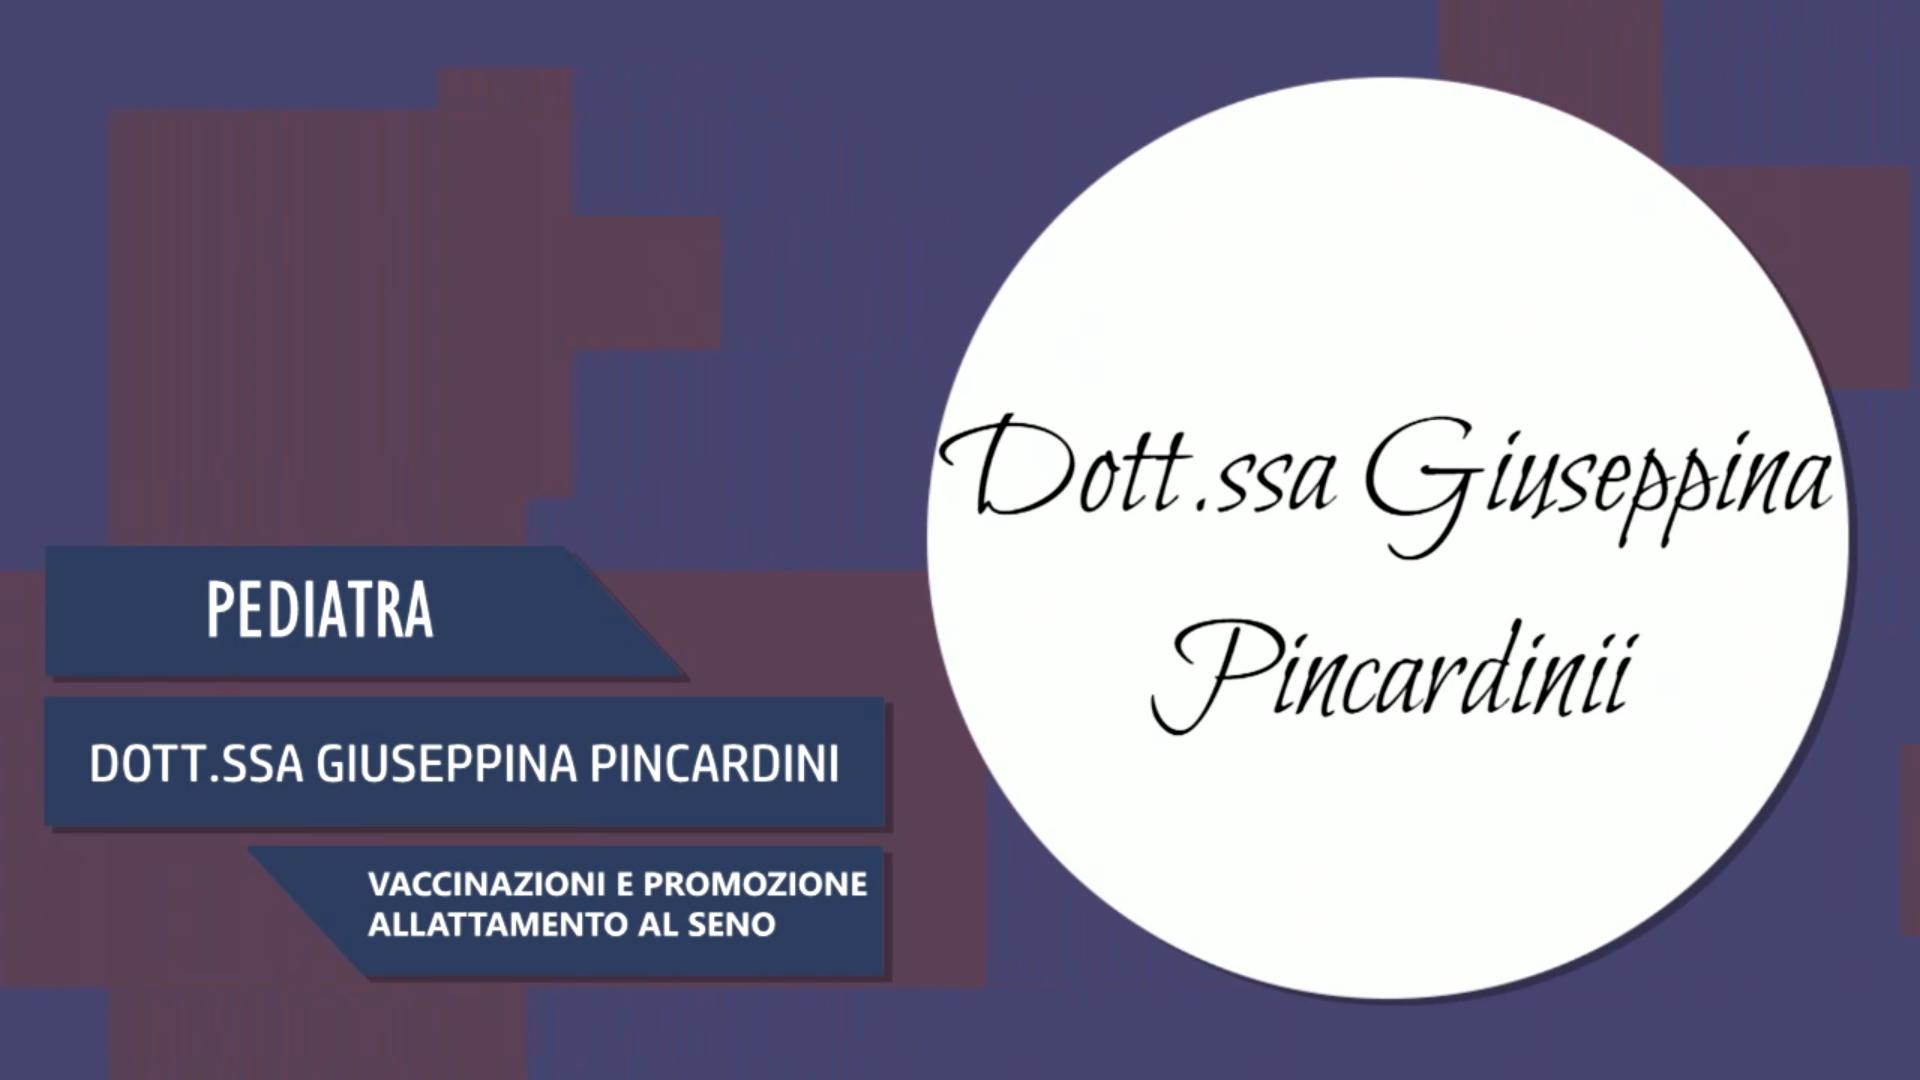 Intervista alla Dott.ssa Giuseppina Pincardini – Vaccinazioni e promozione allattamento al seno